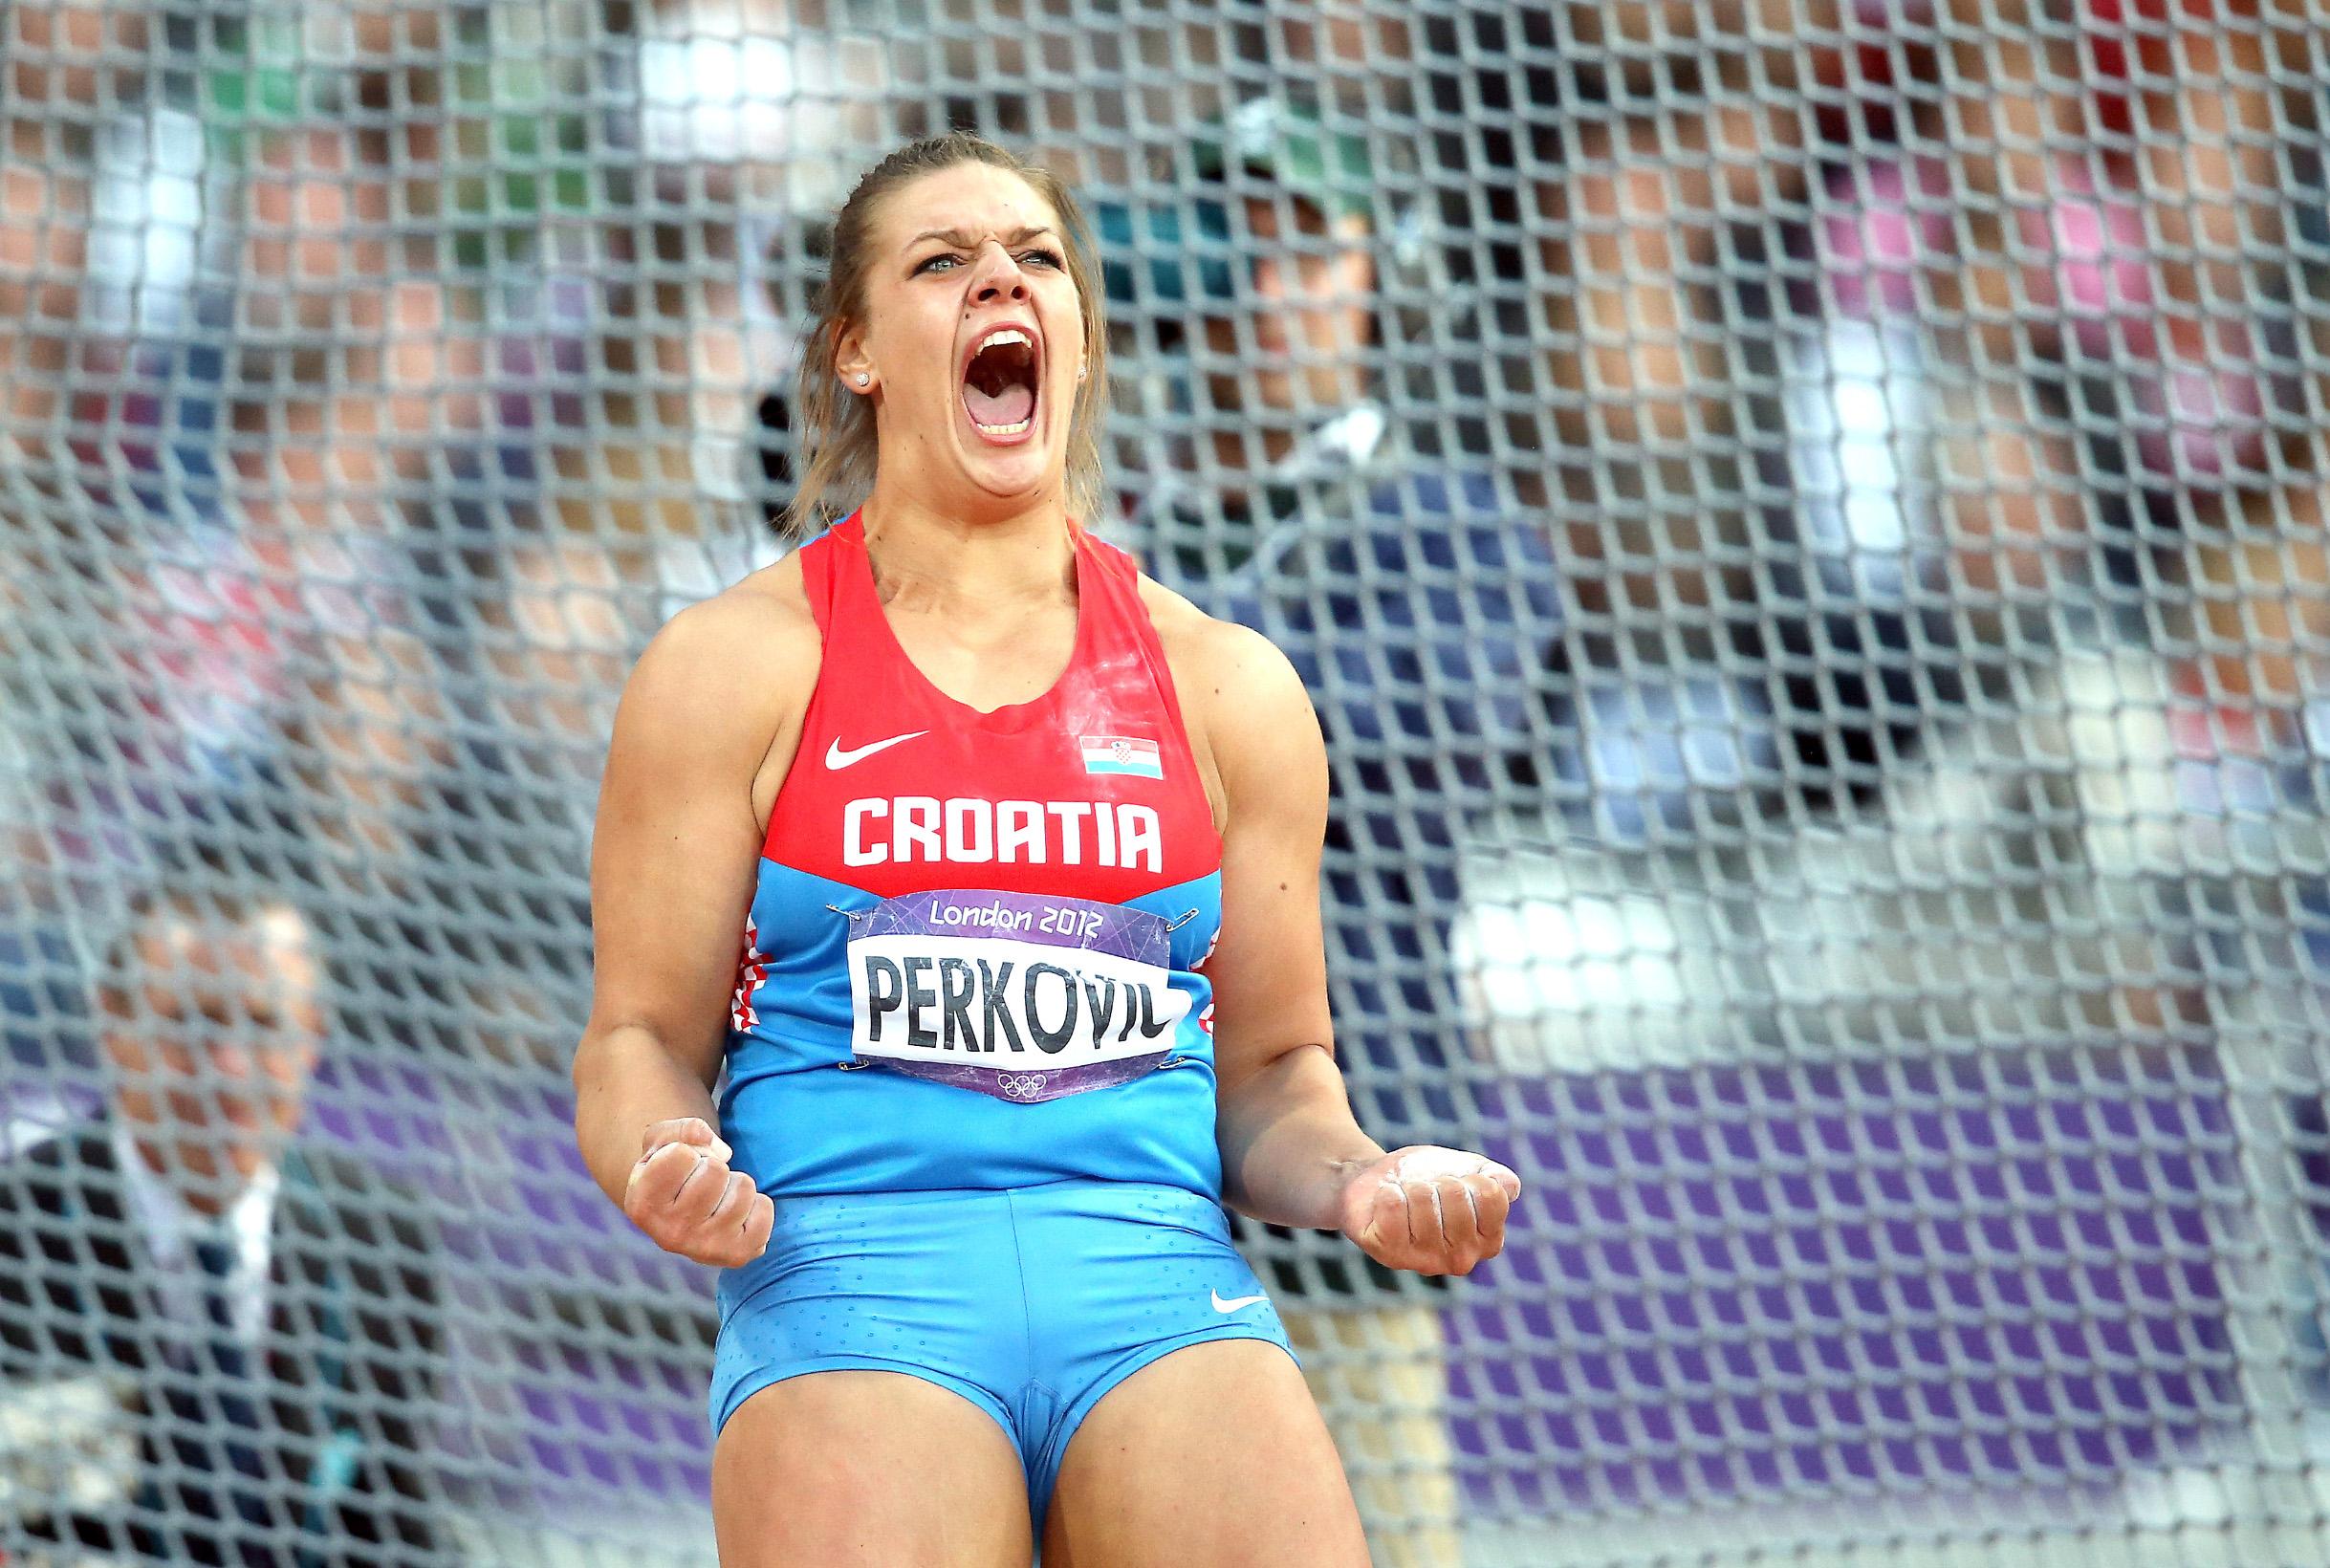 perkovic-disk13-040812_copy